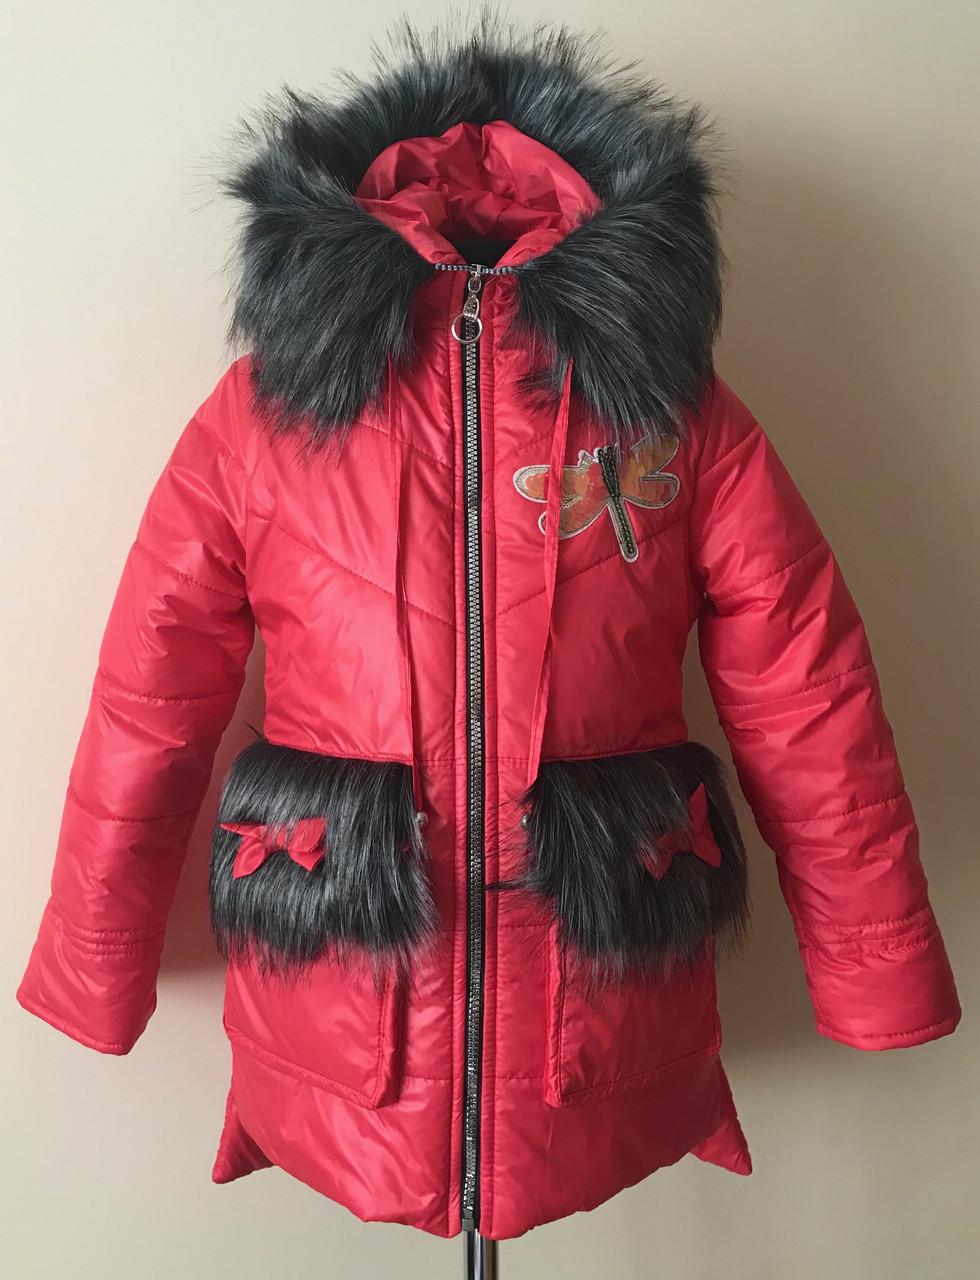 зимняя одежда для девочек 8 лет